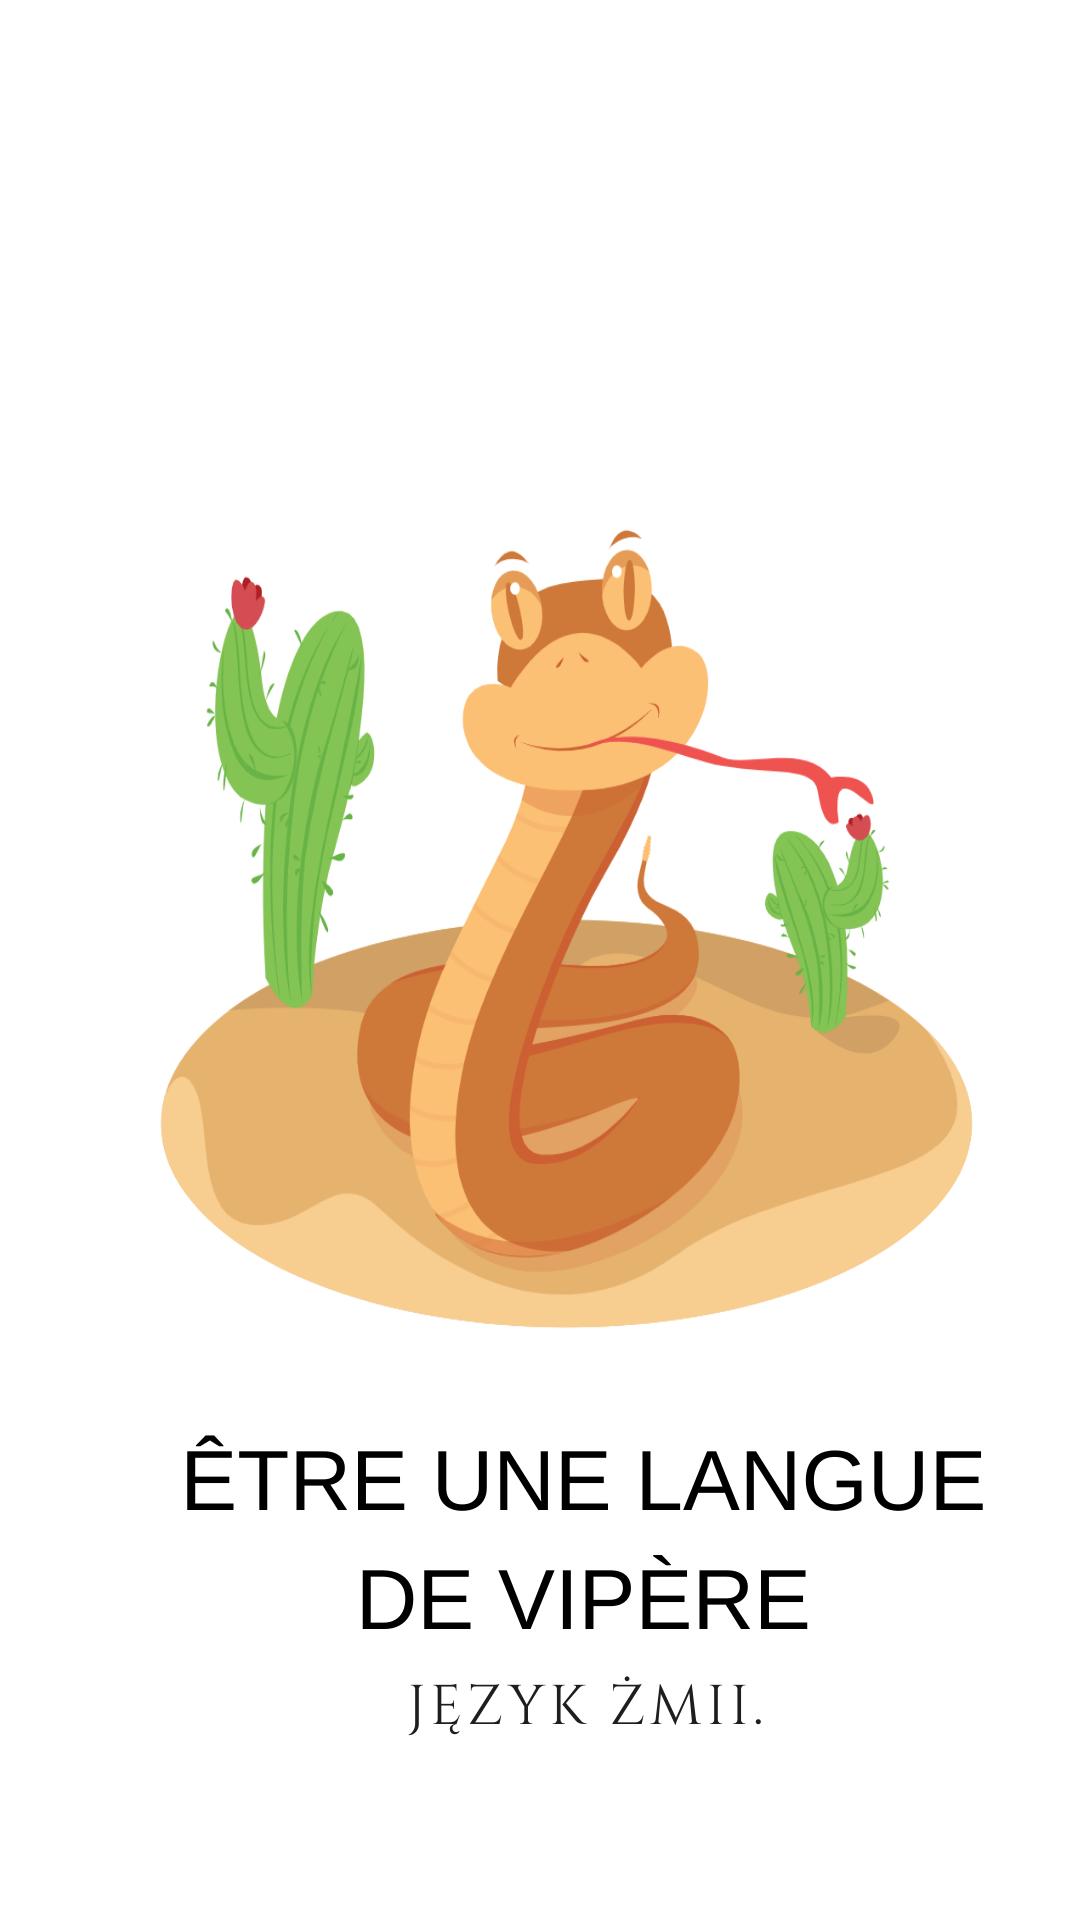 język żmii Każdy zna - ma taką życzliwą inaczej koleżankę w pracy.... être une langue de vipère